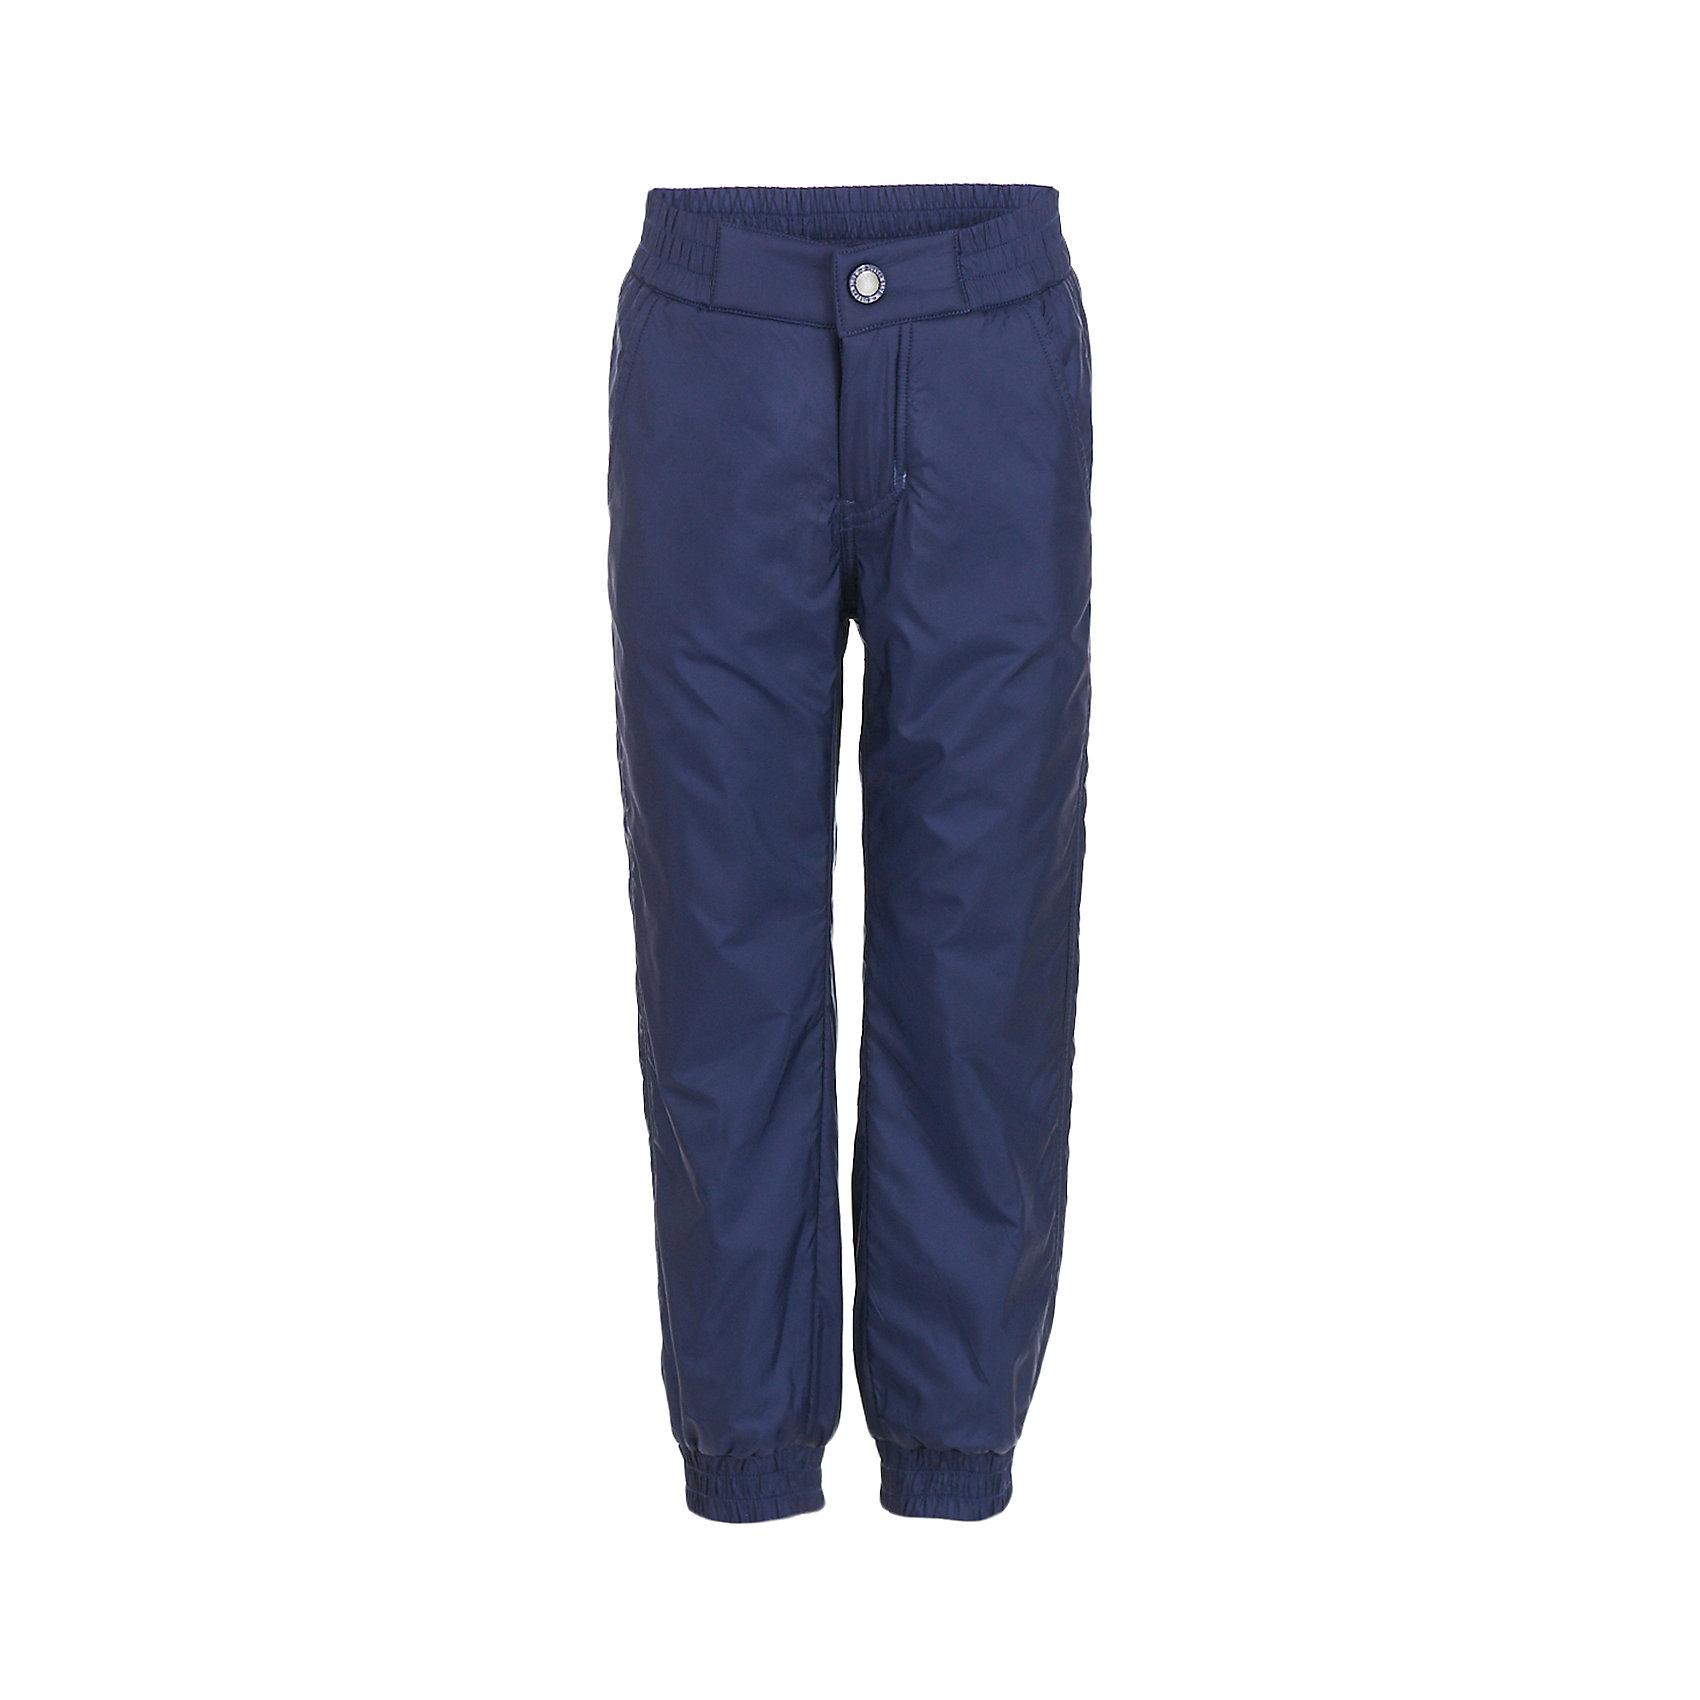 Брюки Button Blue для мальчикаВерхняя одежда<br>Характеристики товара:<br><br>• цвет: синий;<br>• состав: 100% полиэстер;<br>• подкладка: 100% полиэстер, флис;<br>• без дополнительного утепления;<br>• сезон: демисезон;<br>• температурный режим: от +10 до -5С;<br>• застежка: ширинка на молнии и пуговица;<br>• плащевая непромокаемая ткань;<br>• сплошная теплая подкладка из флиса;<br>• эластичная резинка по низу штанин;<br>• страна бренда: Россия;<br>• страна изготовитель: Китай.<br><br>Демисезонные брюки для мальчика. Брюки на флисовой подкладке, верх из непромокаемой плащевой ткани. <br><br>Брюки Button Blue (Баттон Блю) можно купить в нашем интернет-магазине.<br><br>Ширина мм: 215<br>Глубина мм: 88<br>Высота мм: 191<br>Вес г: 336<br>Цвет: темно-синий<br>Возраст от месяцев: 144<br>Возраст до месяцев: 156<br>Пол: Мужской<br>Возраст: Детский<br>Размер: 158,128,98,104,110,116,122,134,140,146,152<br>SKU: 7038988